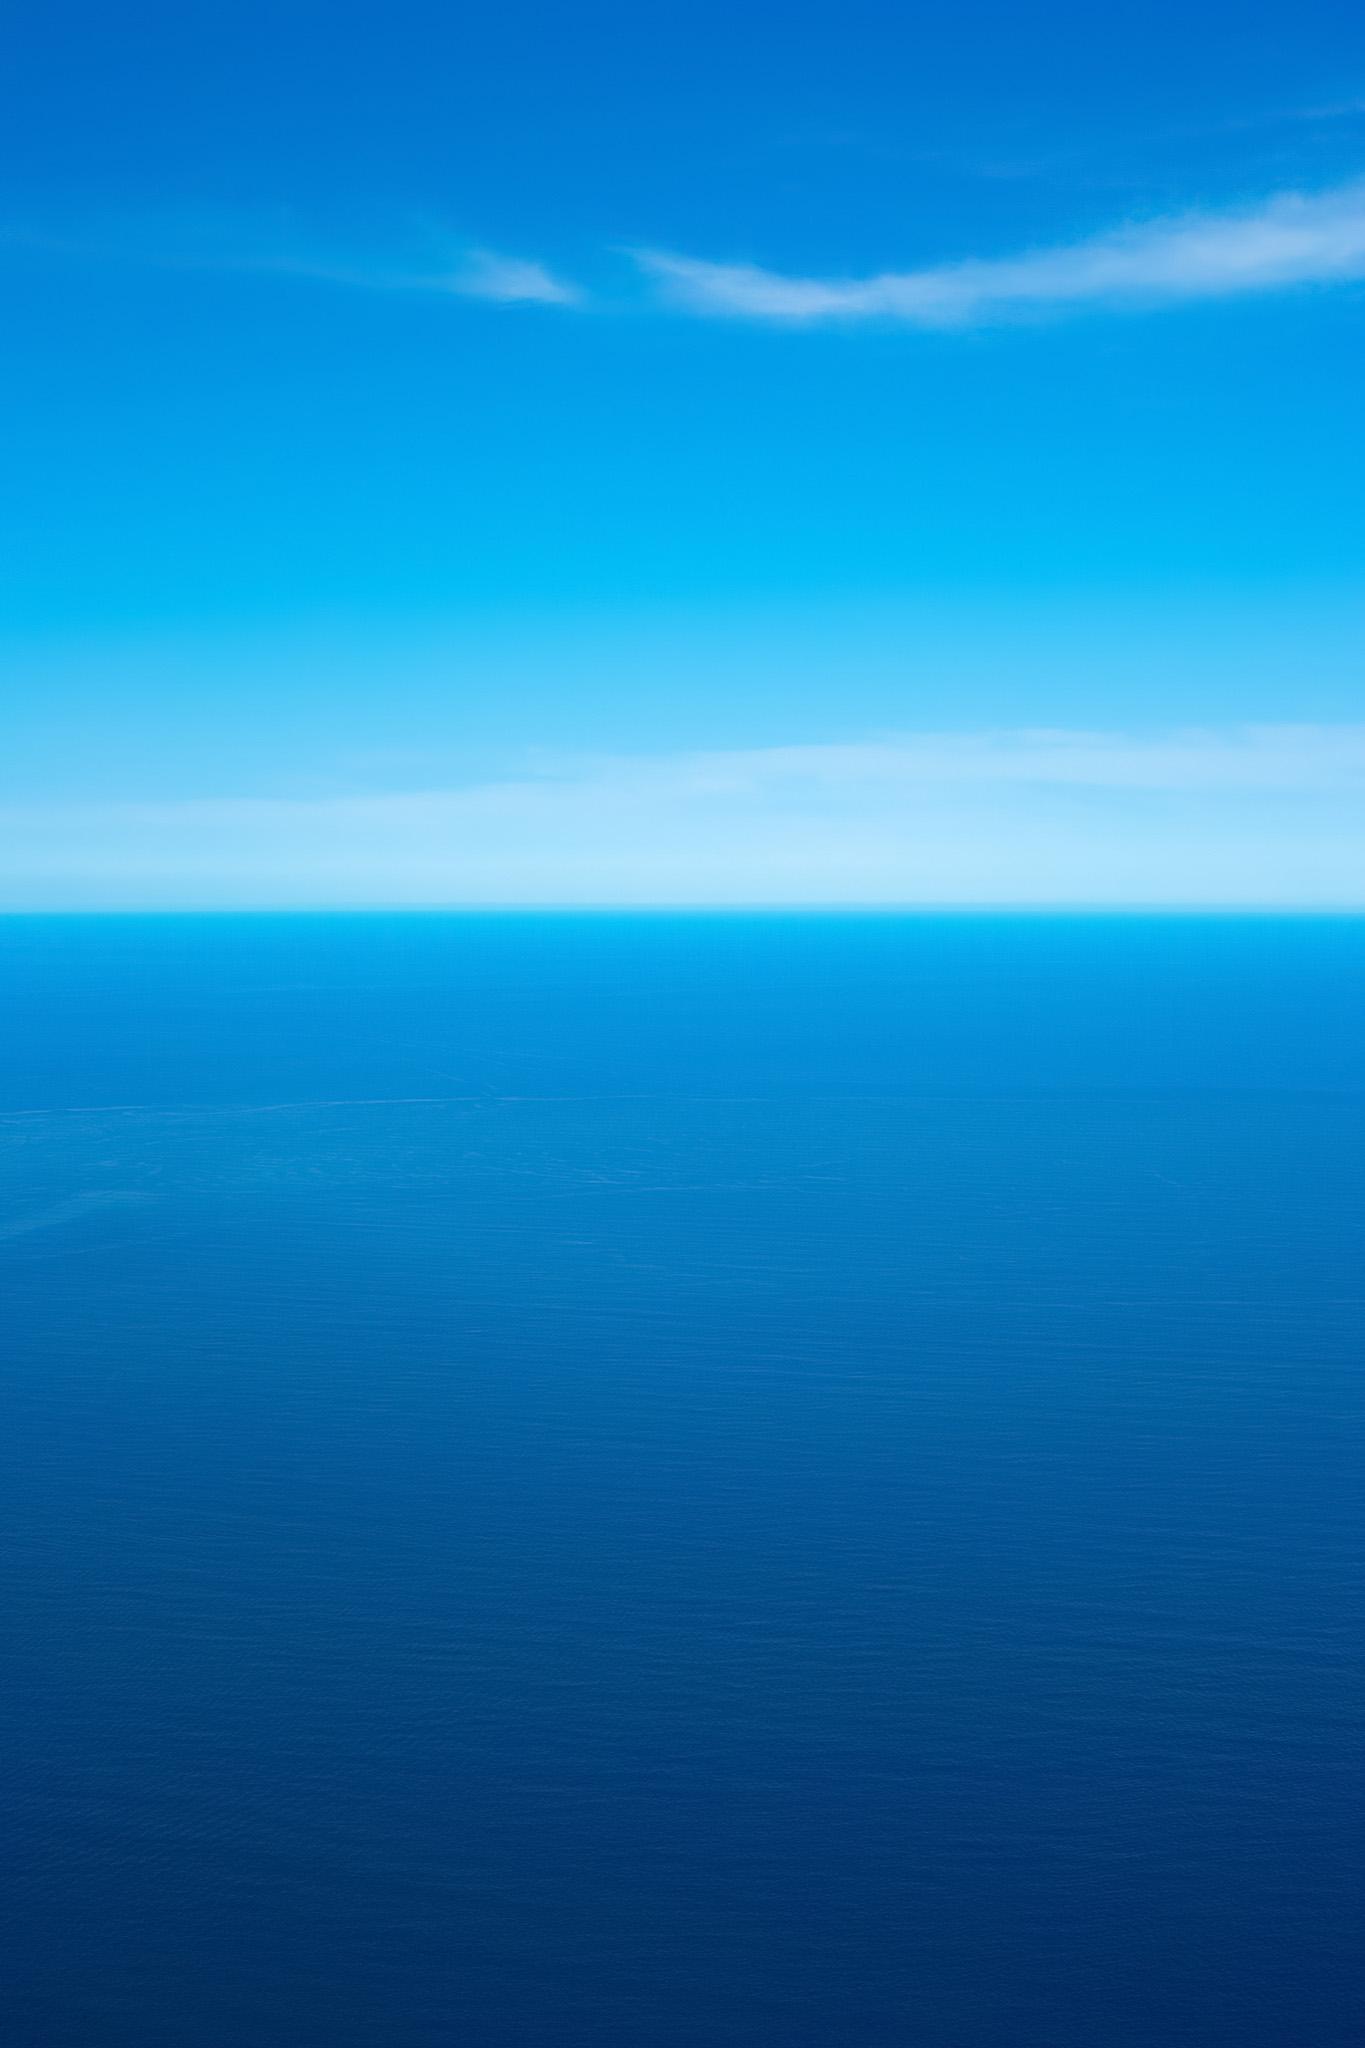 「空と海の蒼いグラデーション」の素材を無料ダウンロード